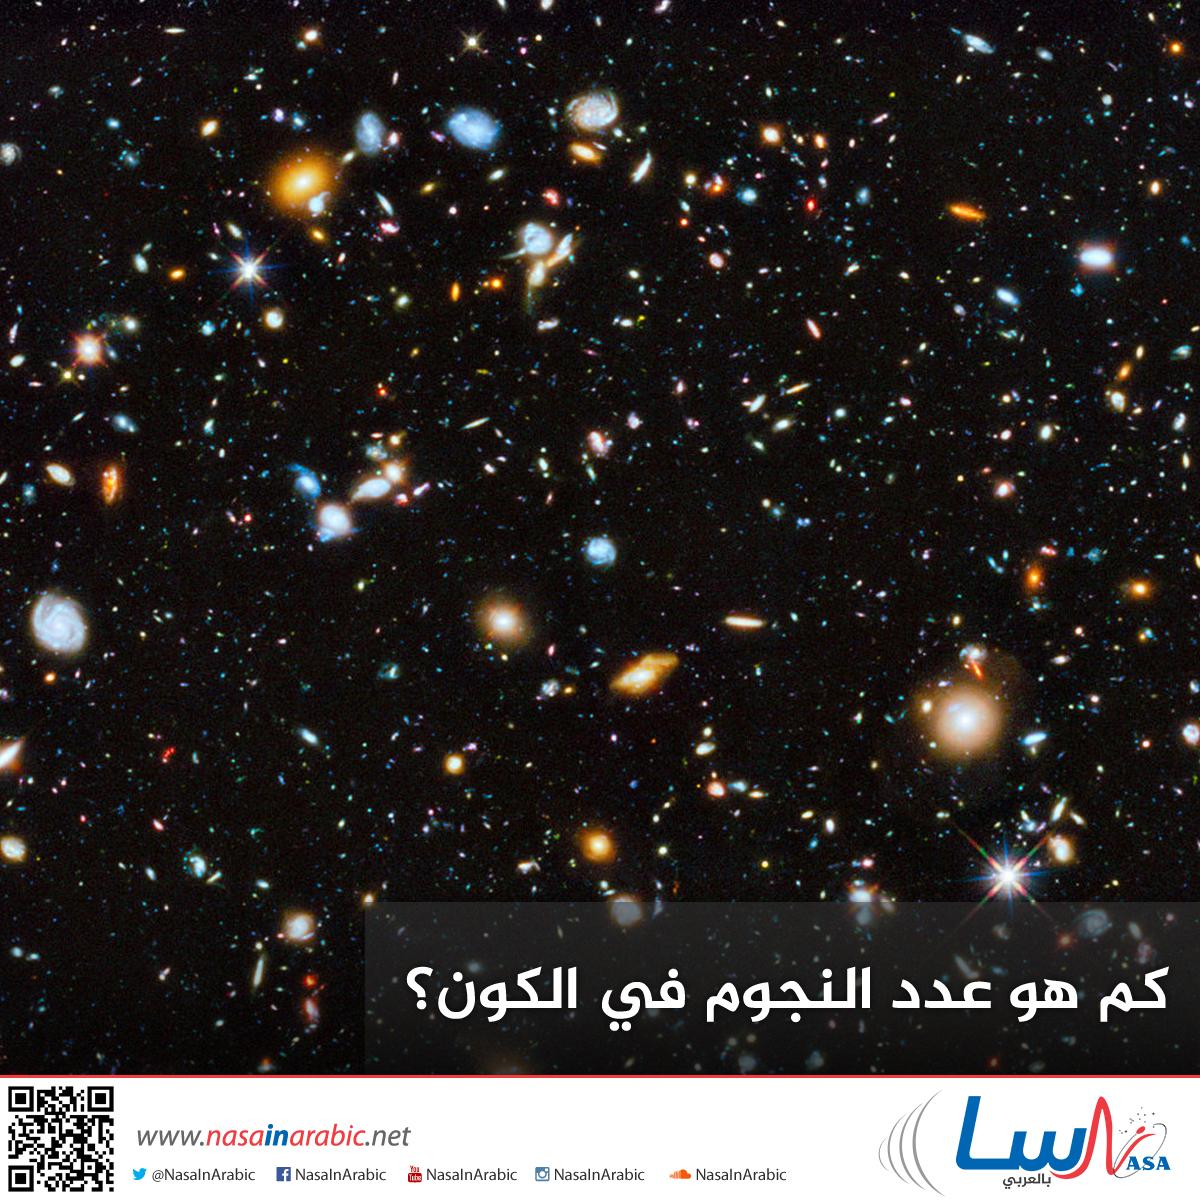 كم هو عدد النجوم في الكون؟